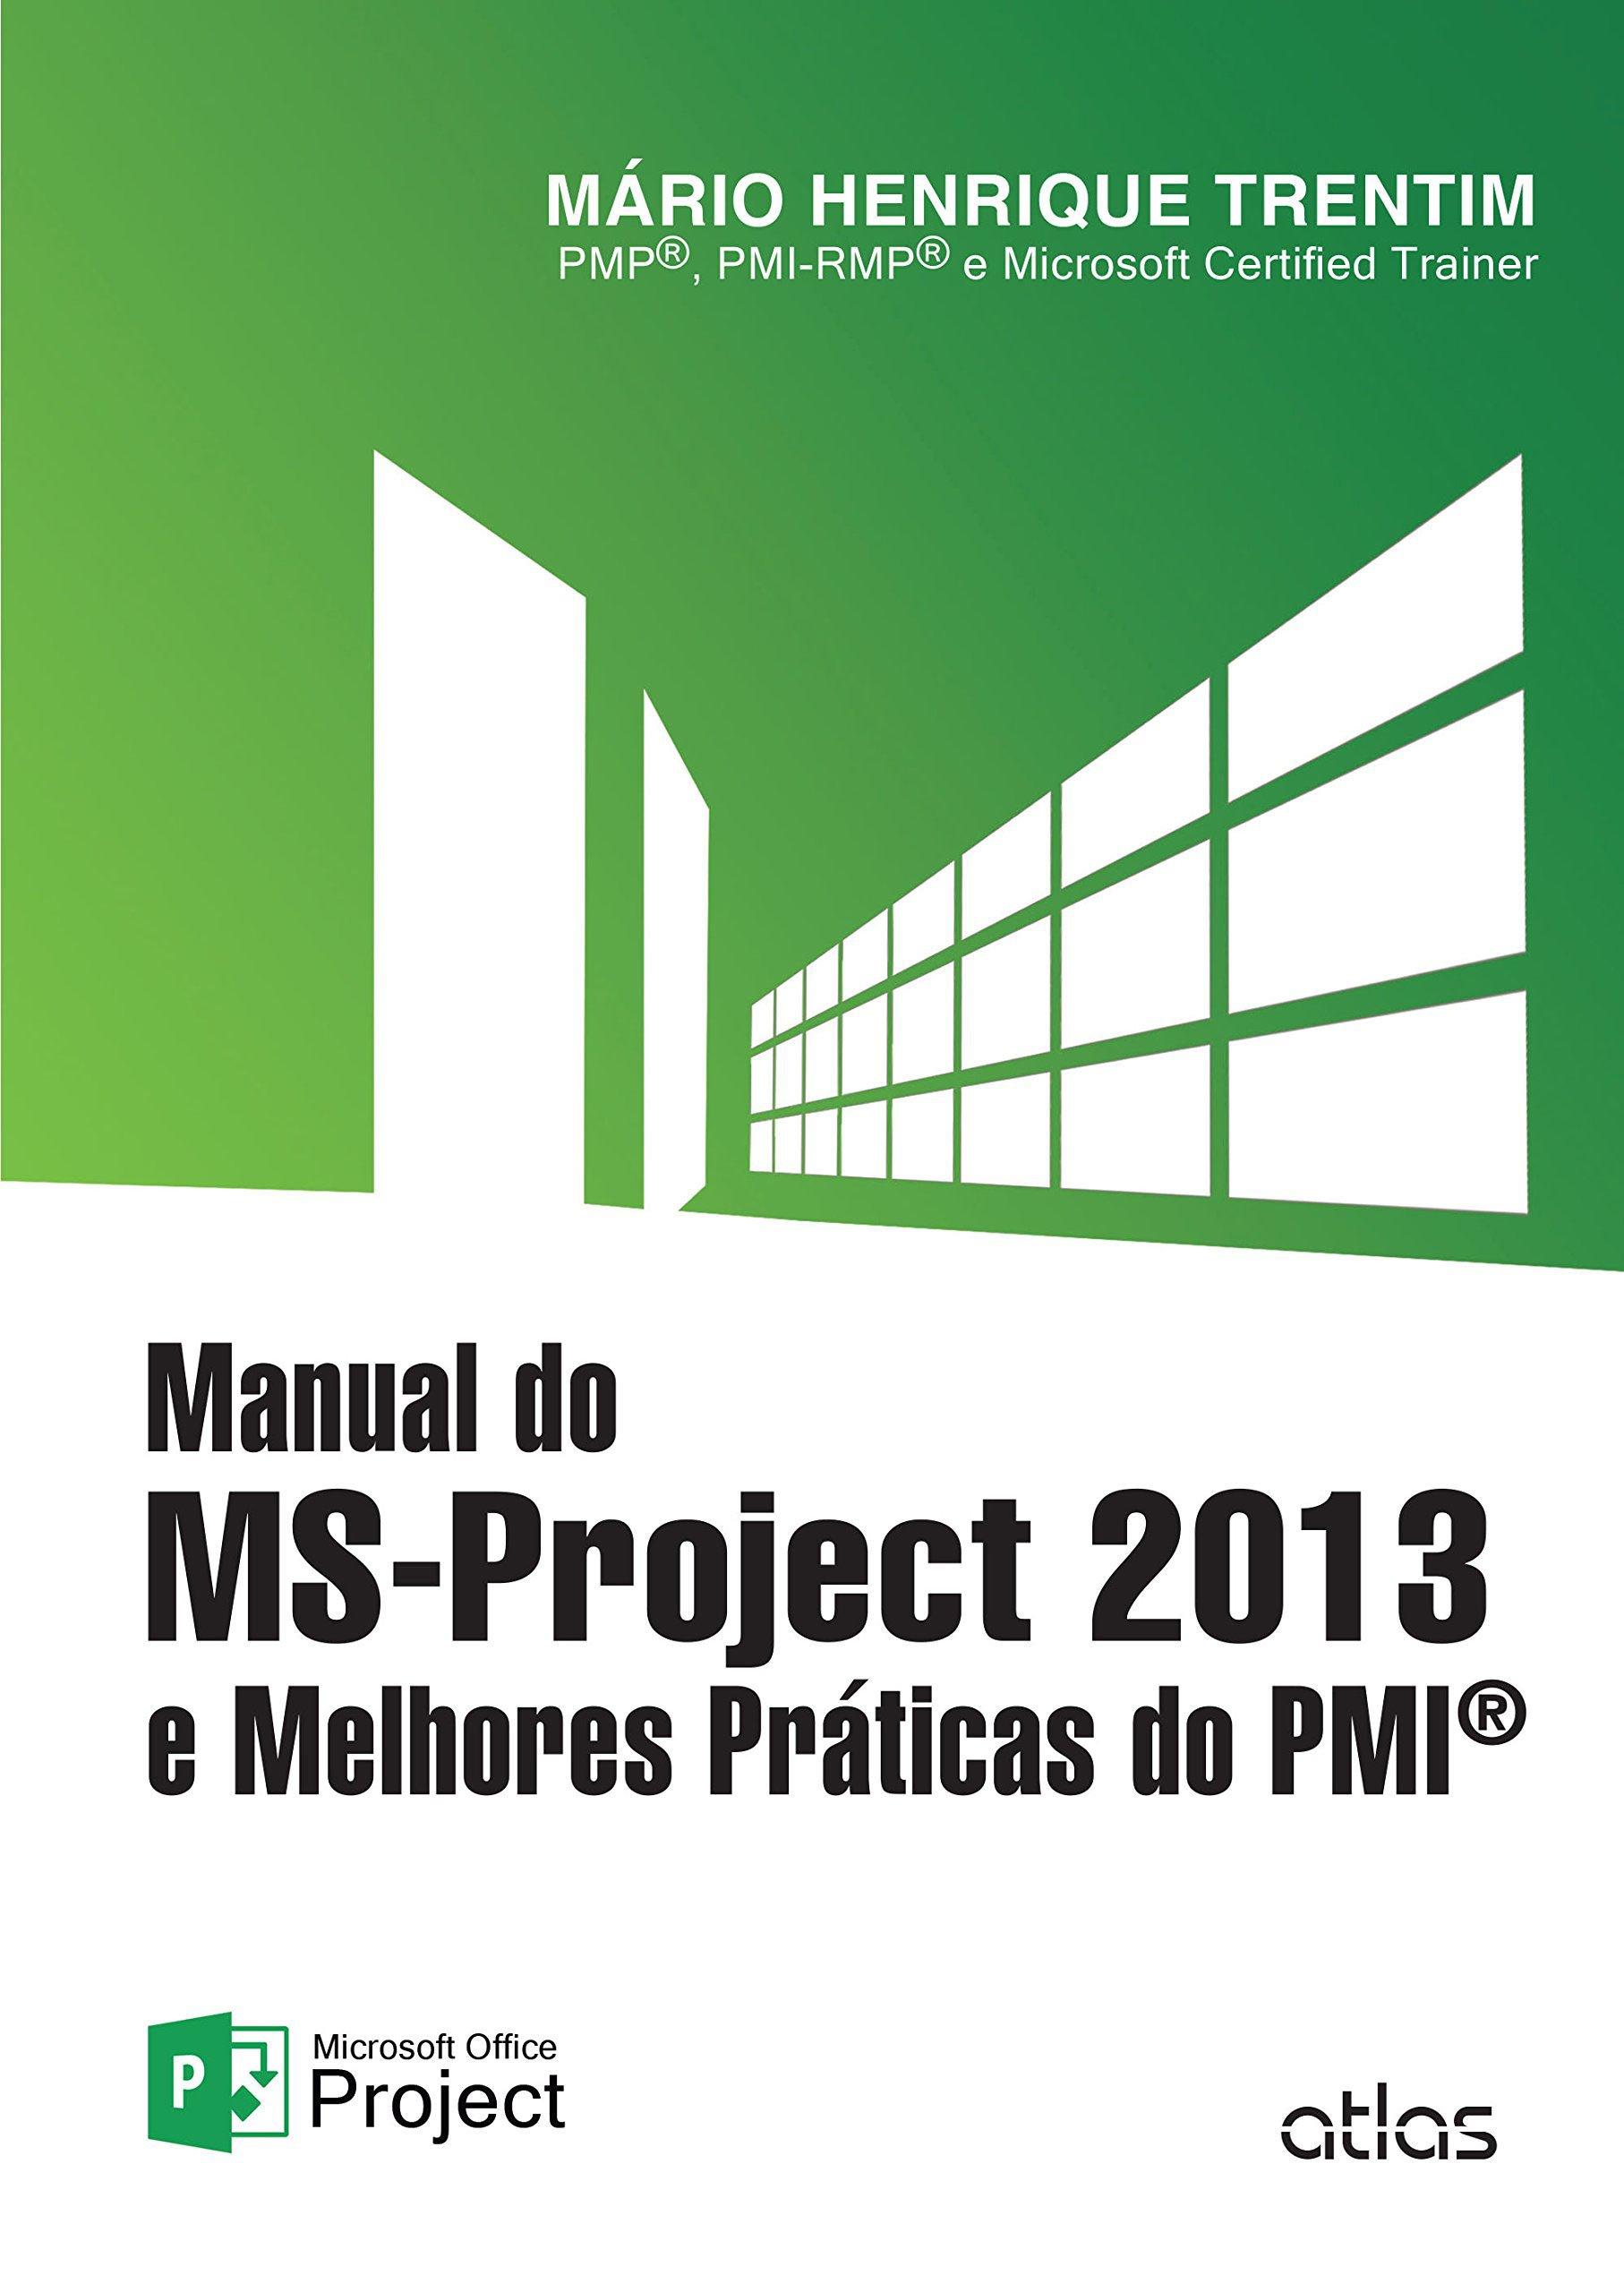 Manual do MS-Project 2013 e Melhores Práticas do PMI (Em Portuguese